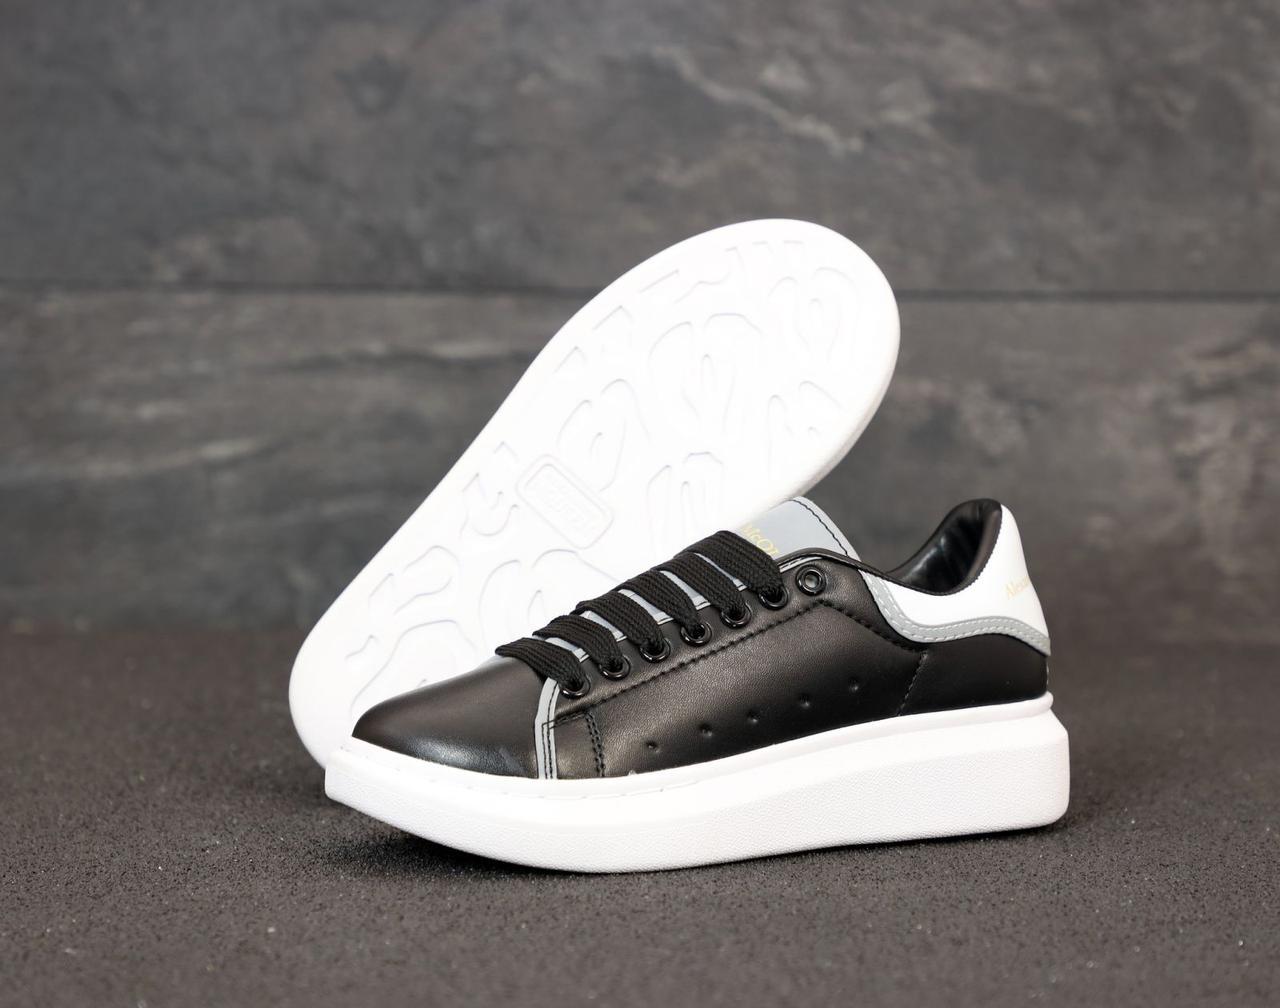 Женские кроссовки Alexander McQueen Oversized Sneakers. Рефлектив. ТОП Реплика ААА класса.